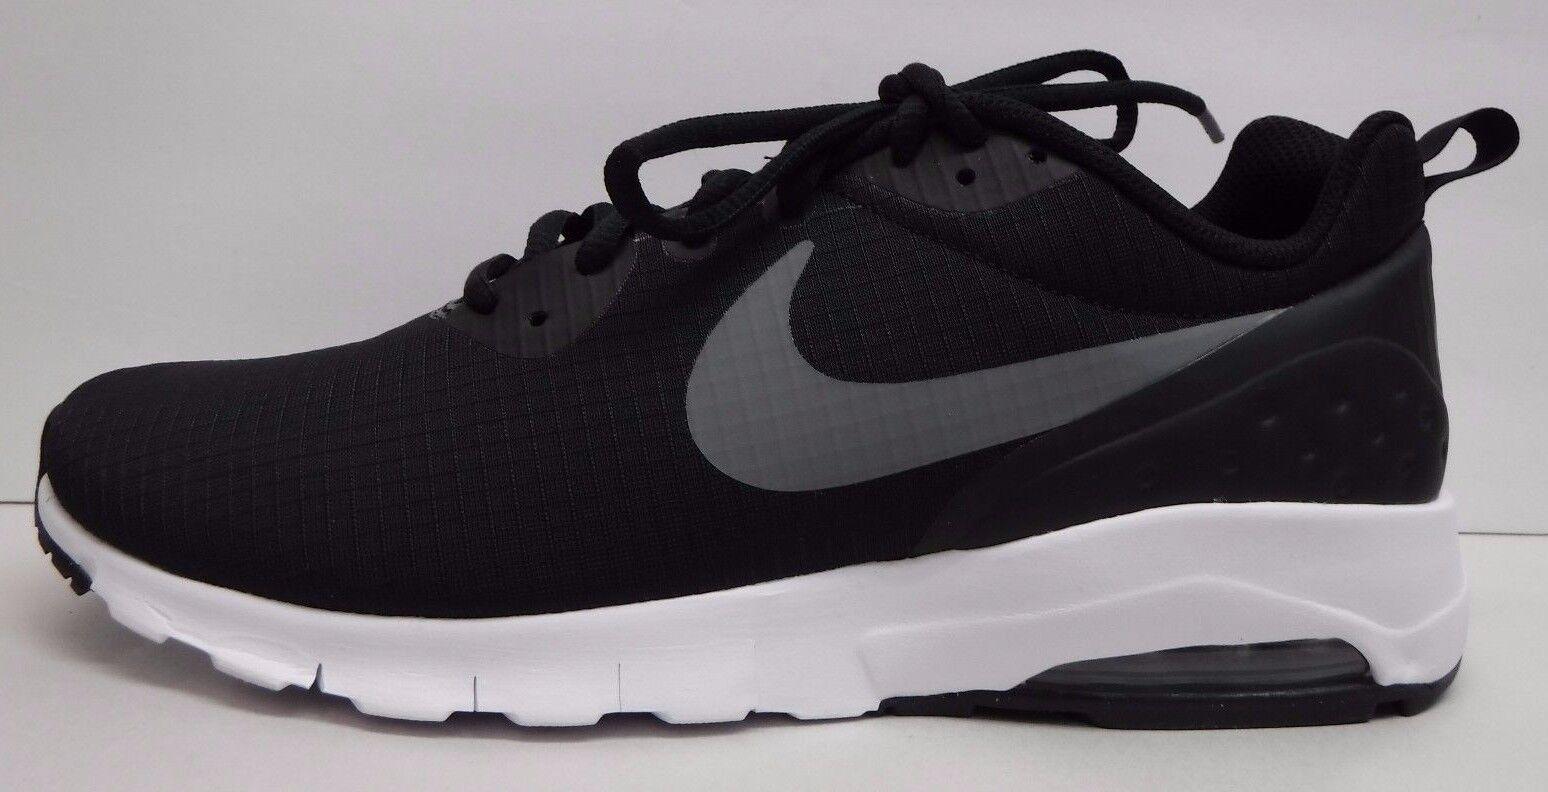 Nike air numero 10 nero le scarpe da ginnastica nuove Uomo scarpe